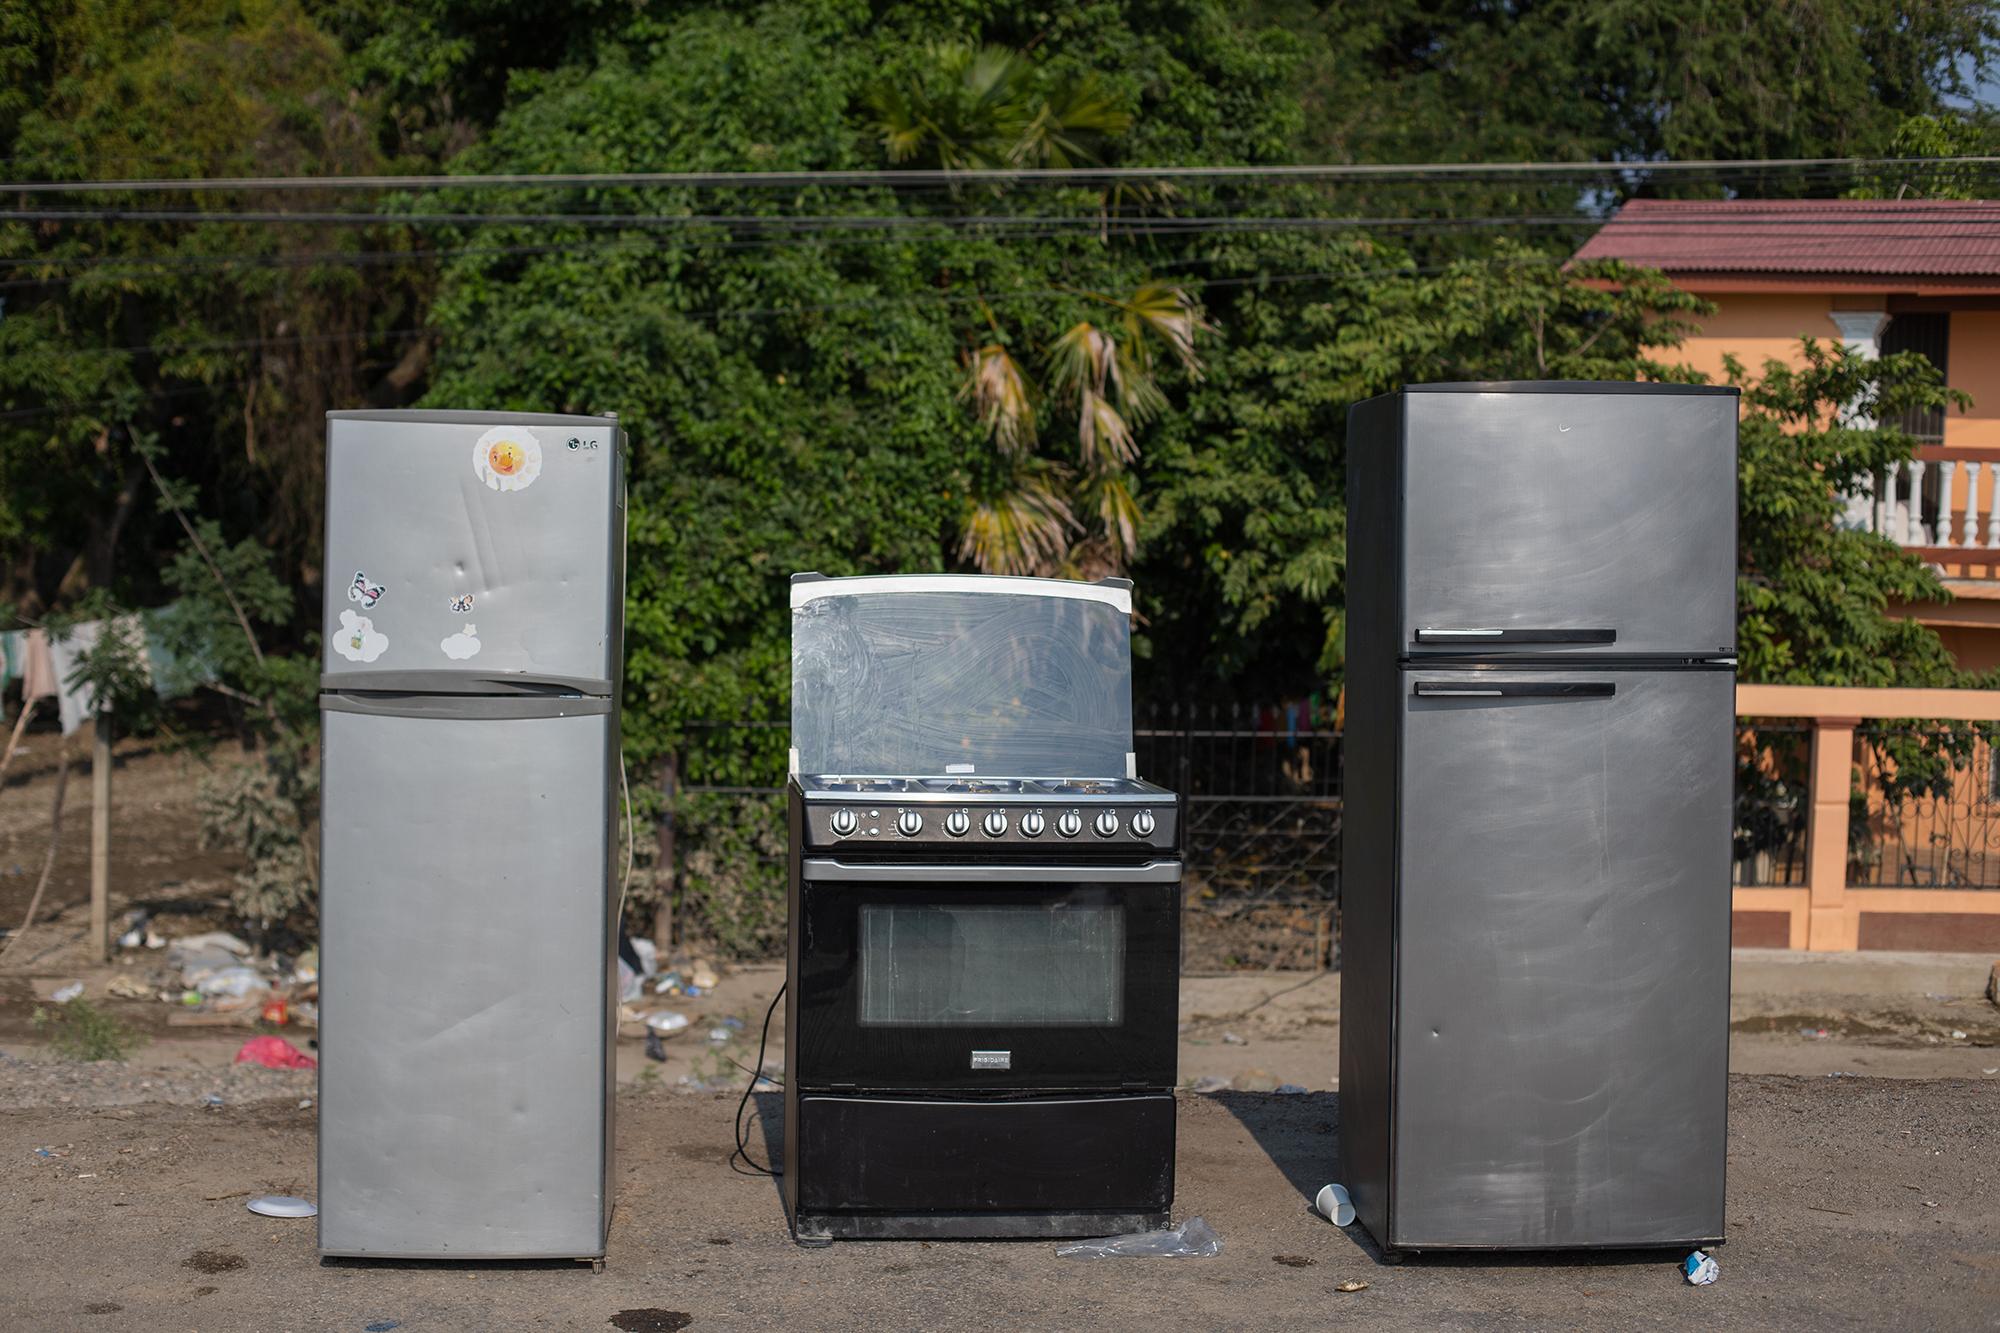 Algunos electrodomésticos que han sido rescatados por sus dueños en la colonia 23 de septiembre, de La Lima, quizá estén dañados y no vuelvan a funcionar. La Lima, Cortés, 13 de noviembre de 2020. Foto: Martín Cálix.